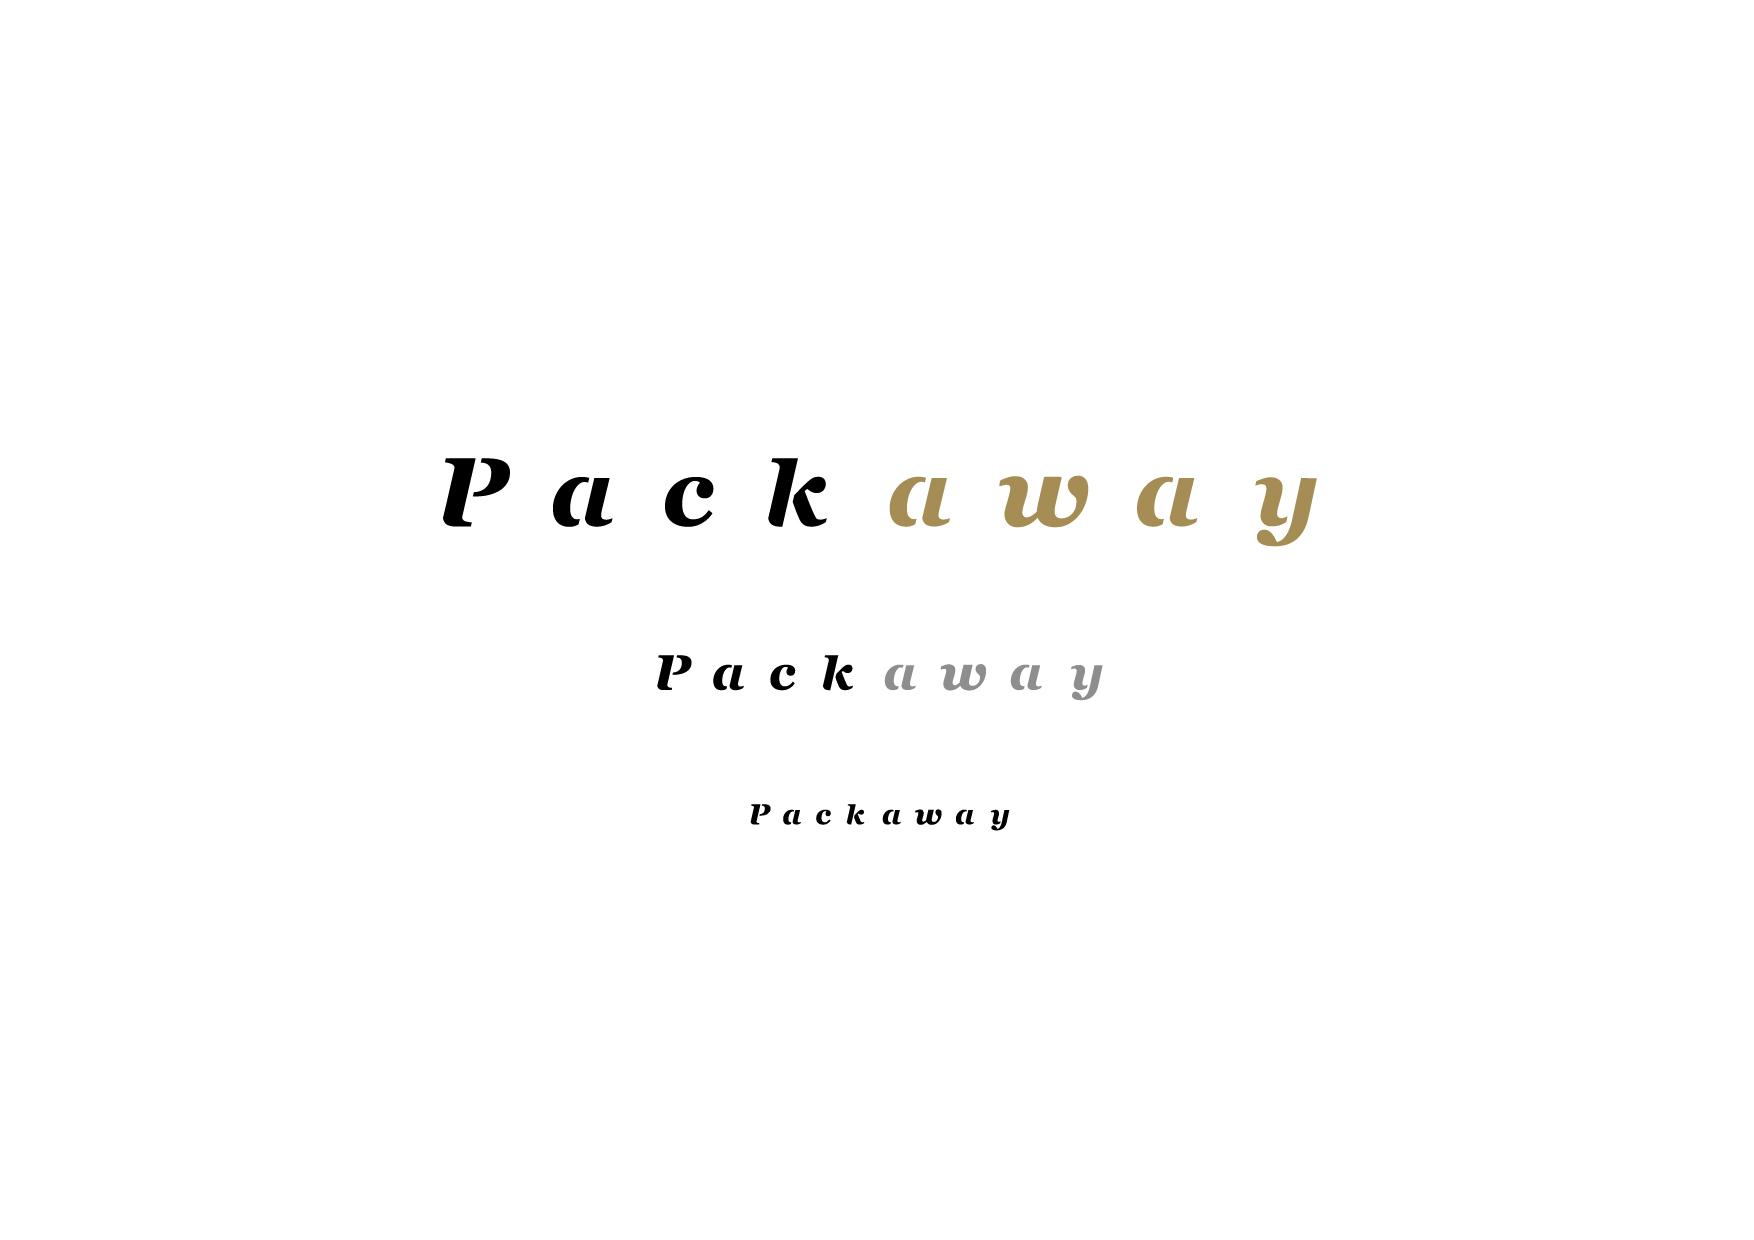 PACKAWAY